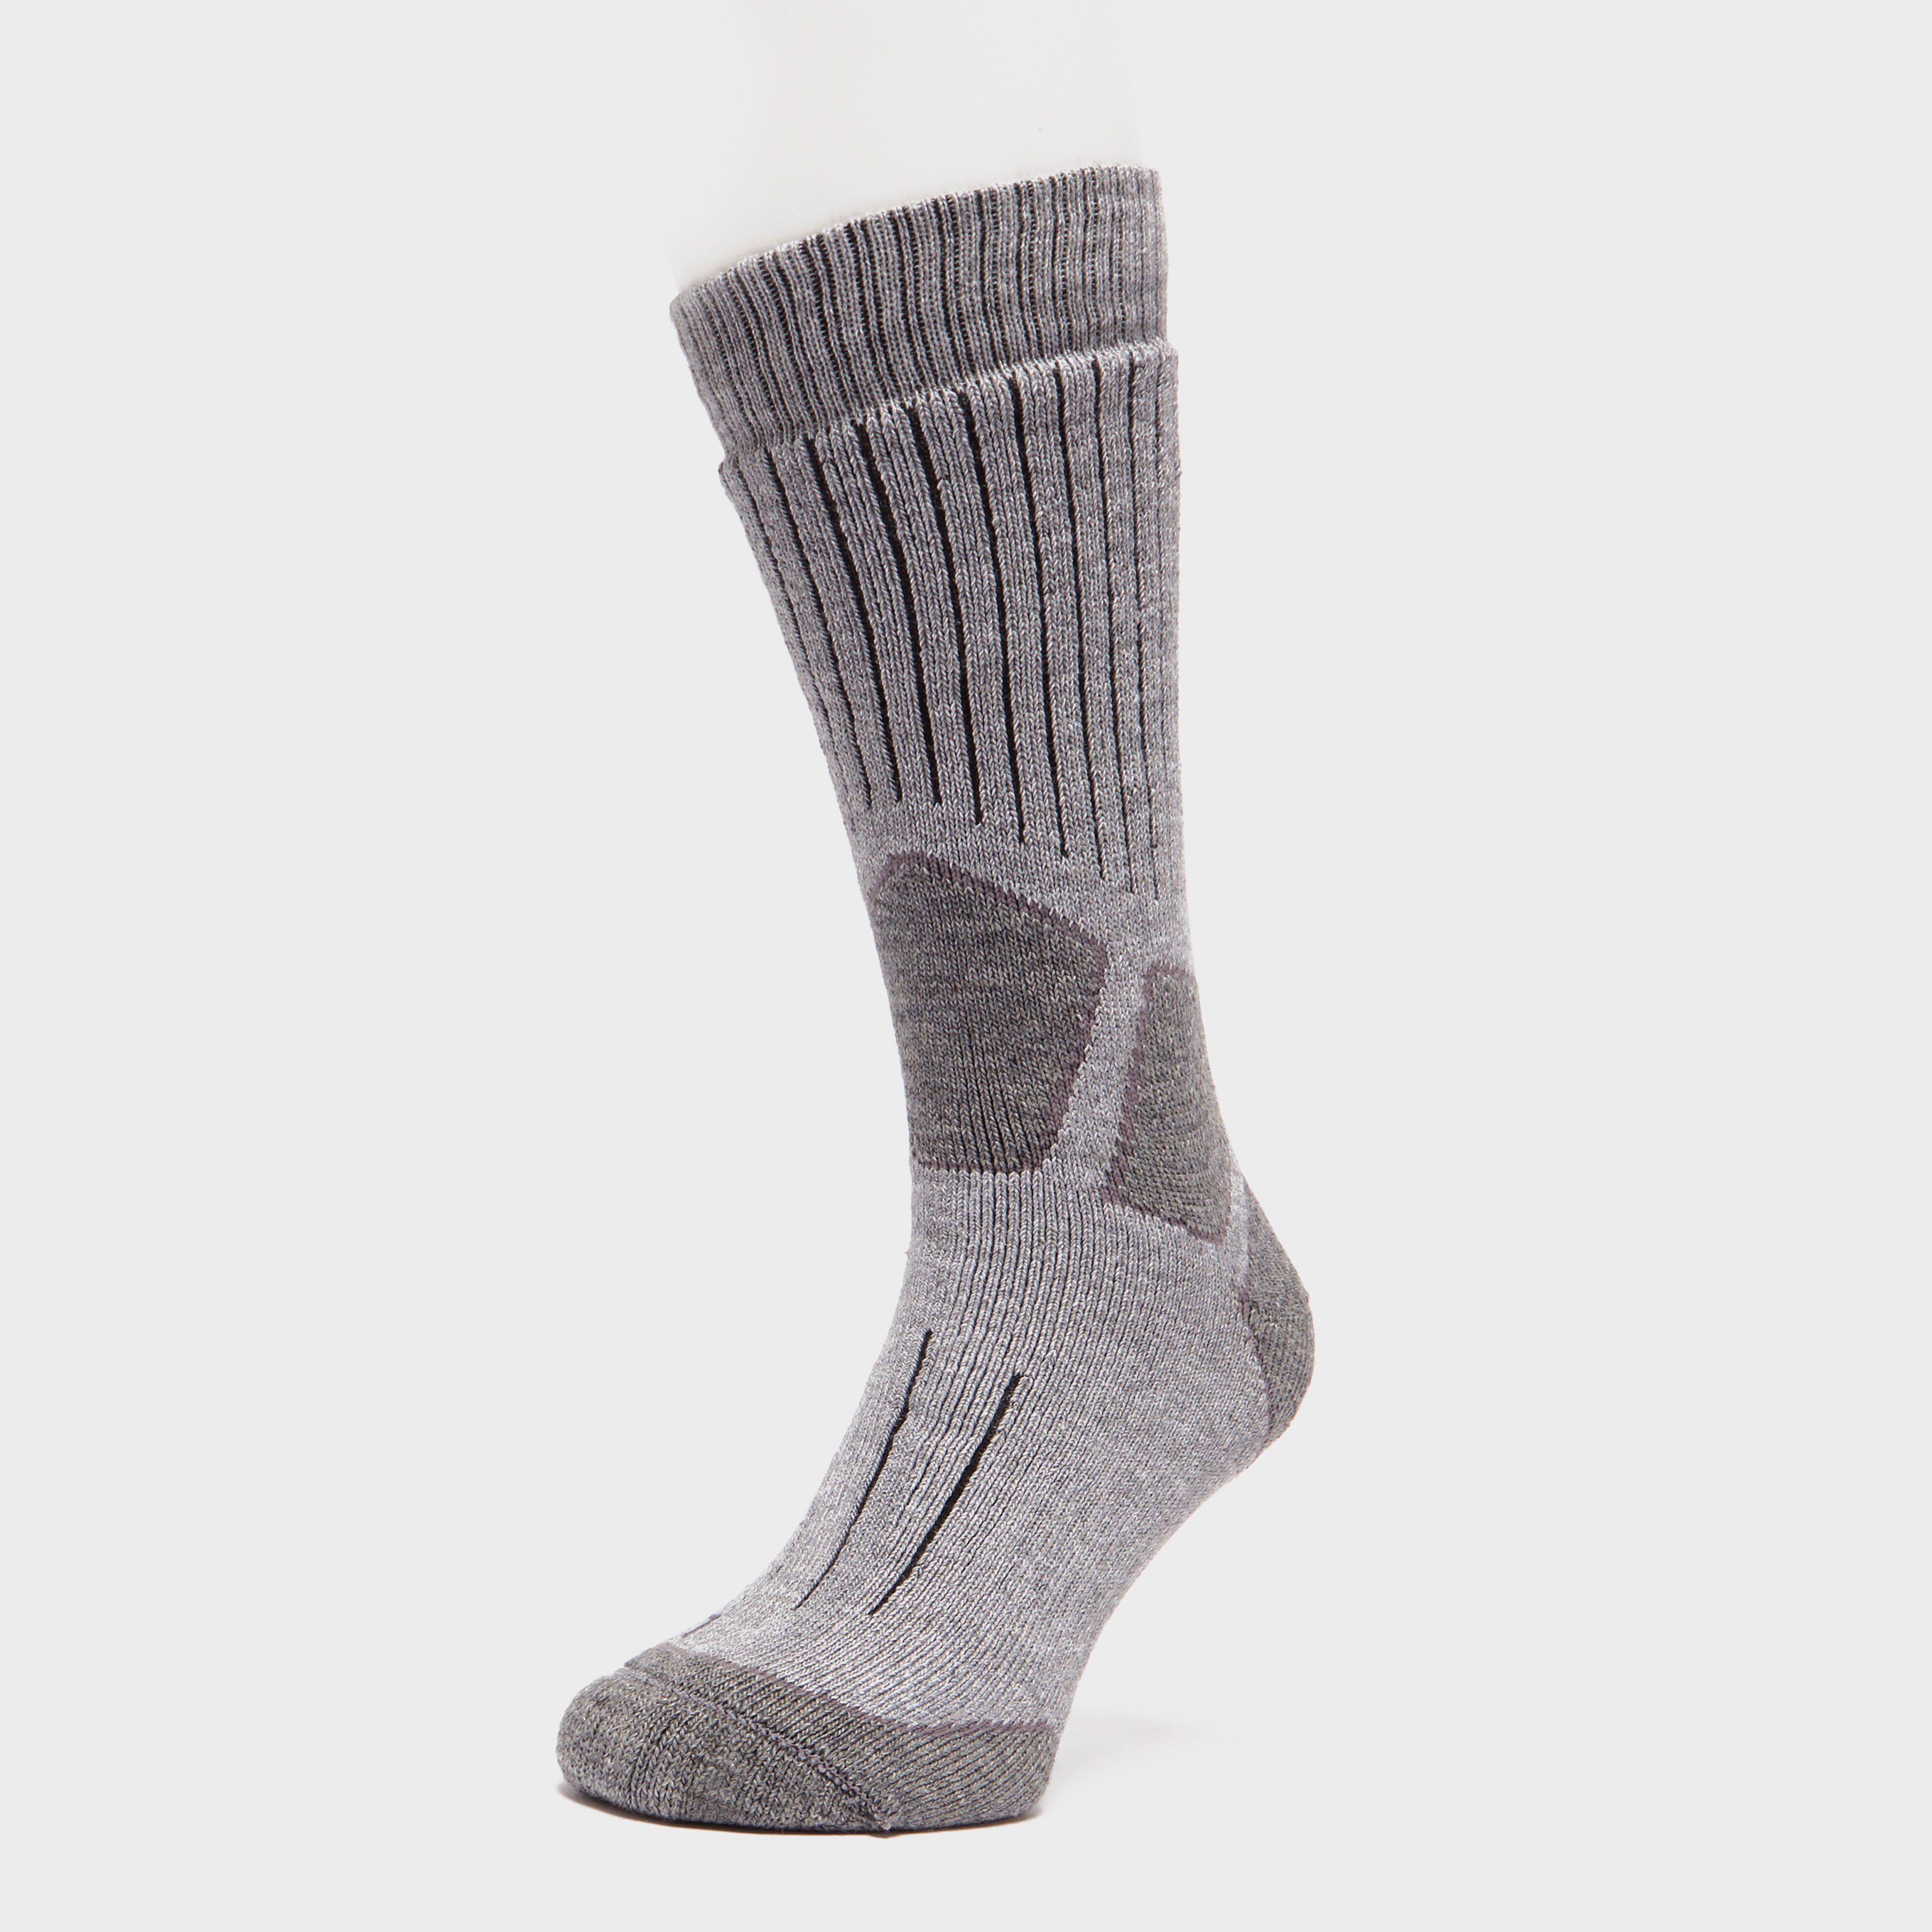 BERGHAUS Men's Trekmaster® Sock